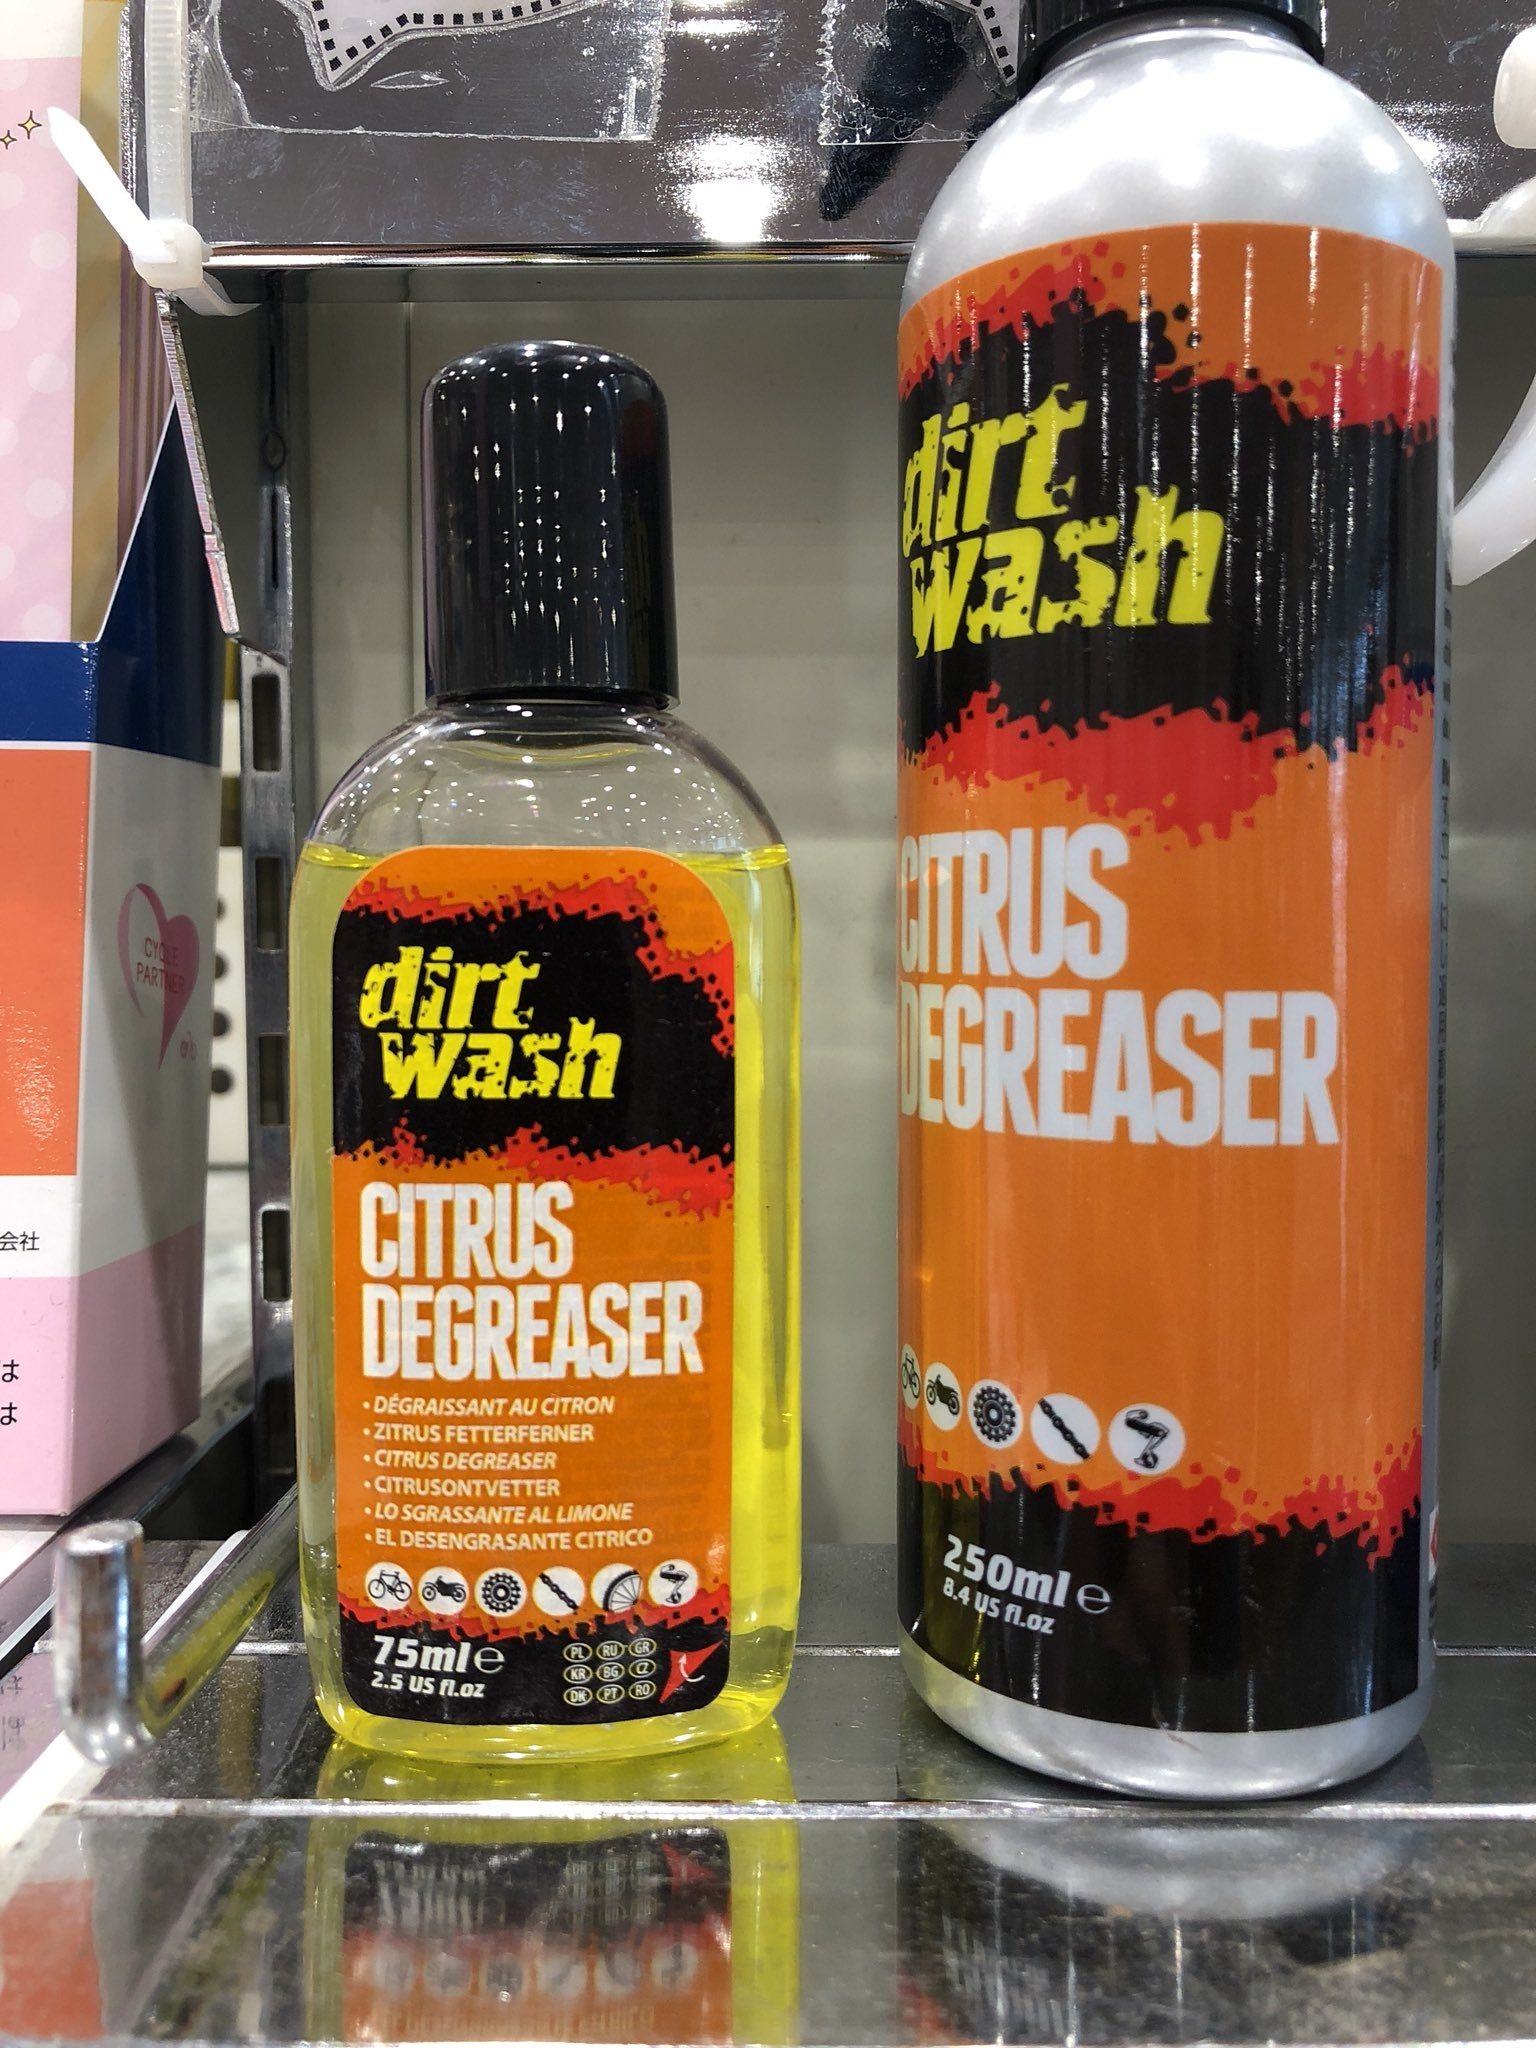 サイクルベースあさひ 姫路大津店 On Twitter Citrus Degreaser Degreasers Citrus